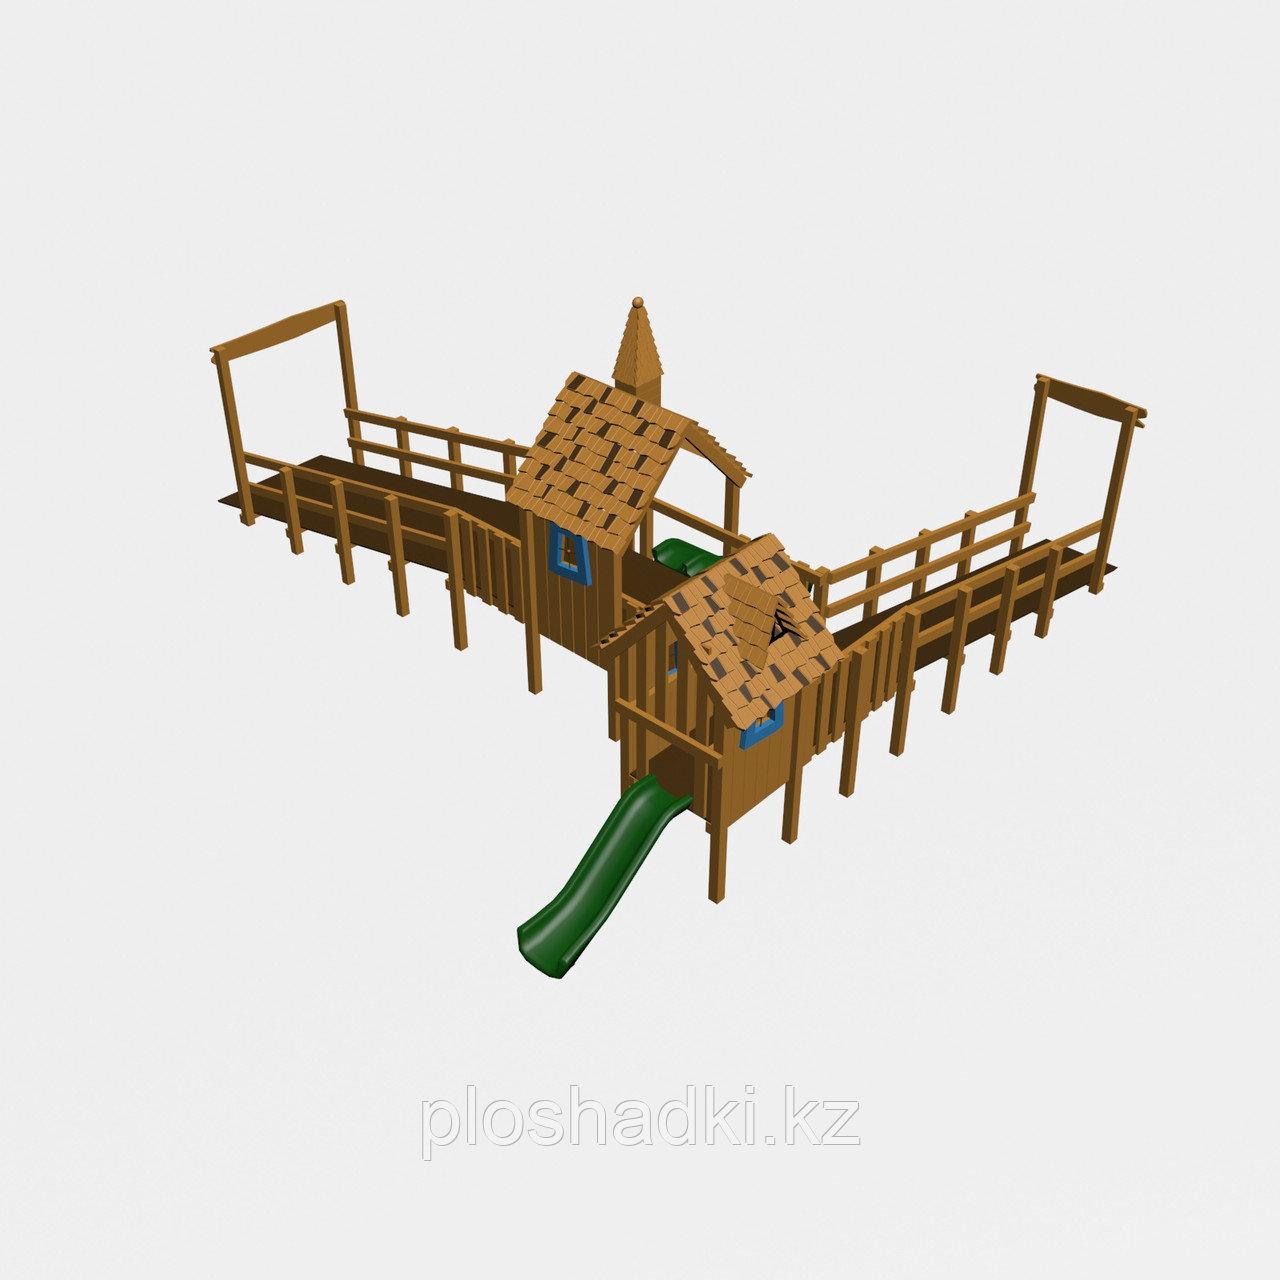 """Игровой комплекс """"Тироль 2"""", трап, скаты, крыша"""